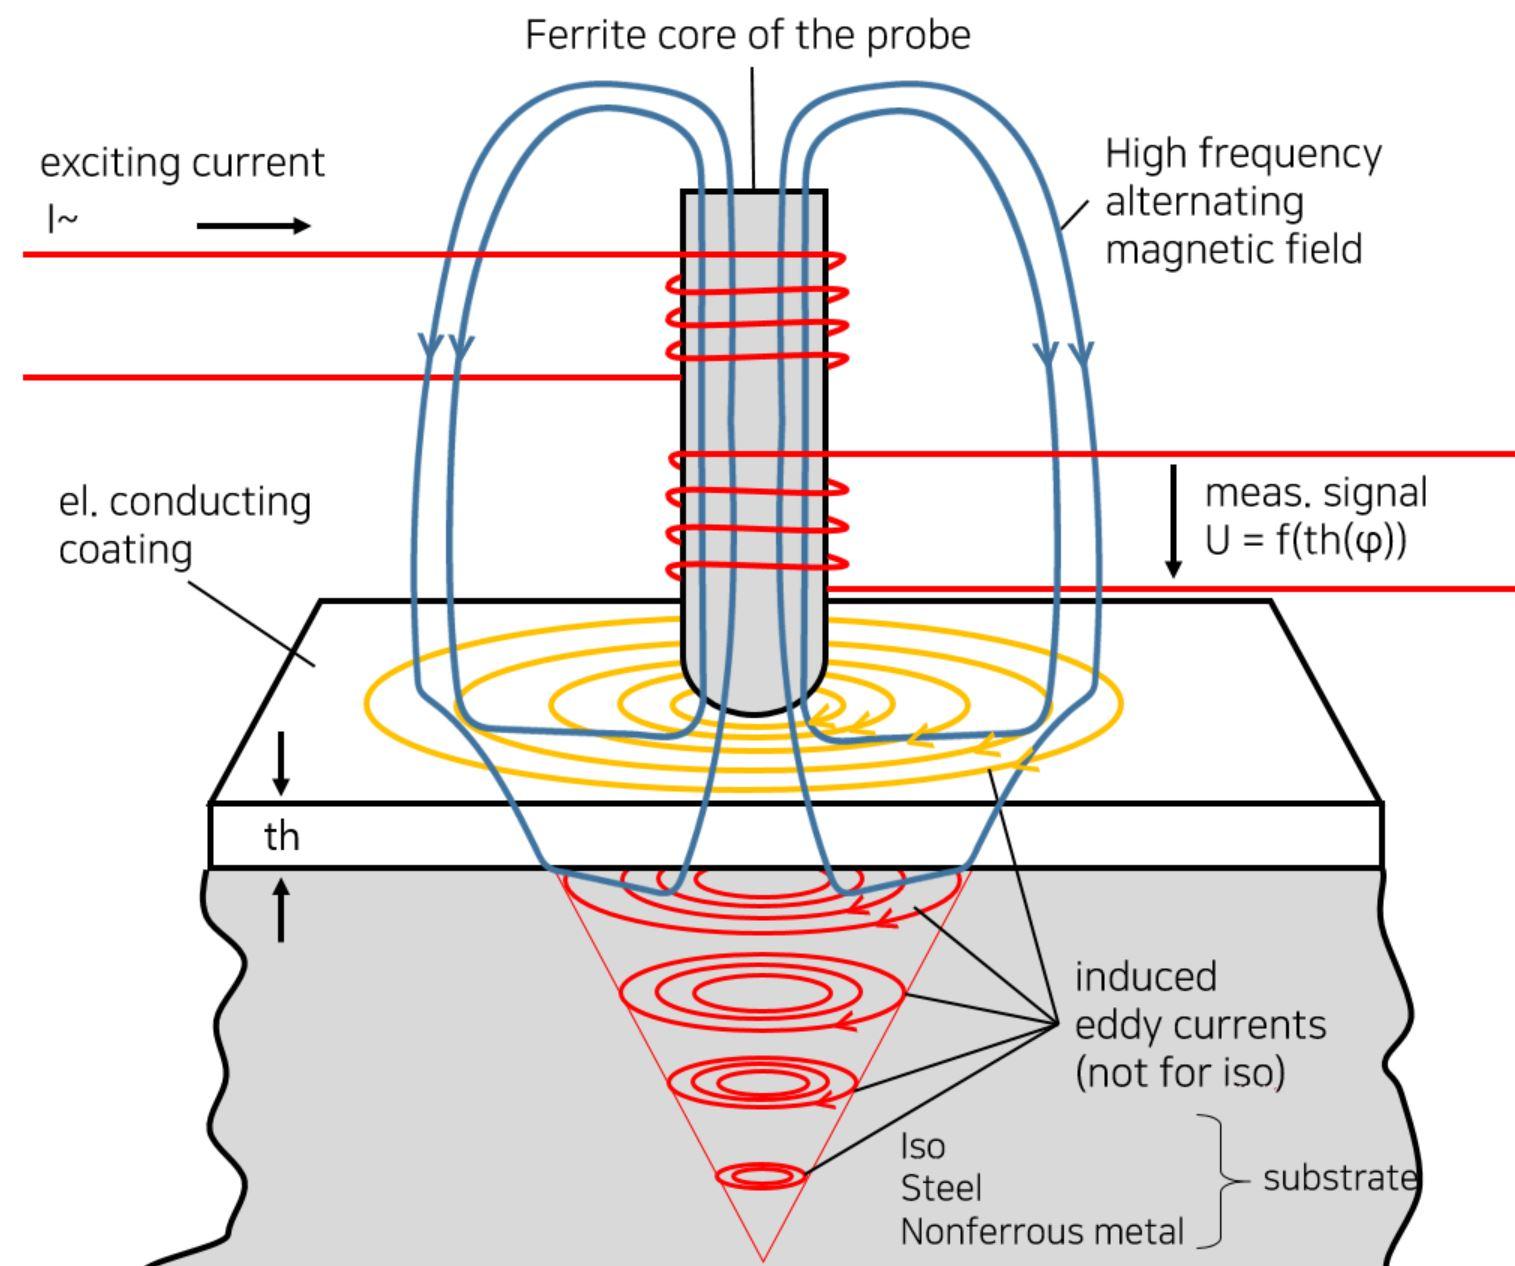 비접촉 측정 이미지